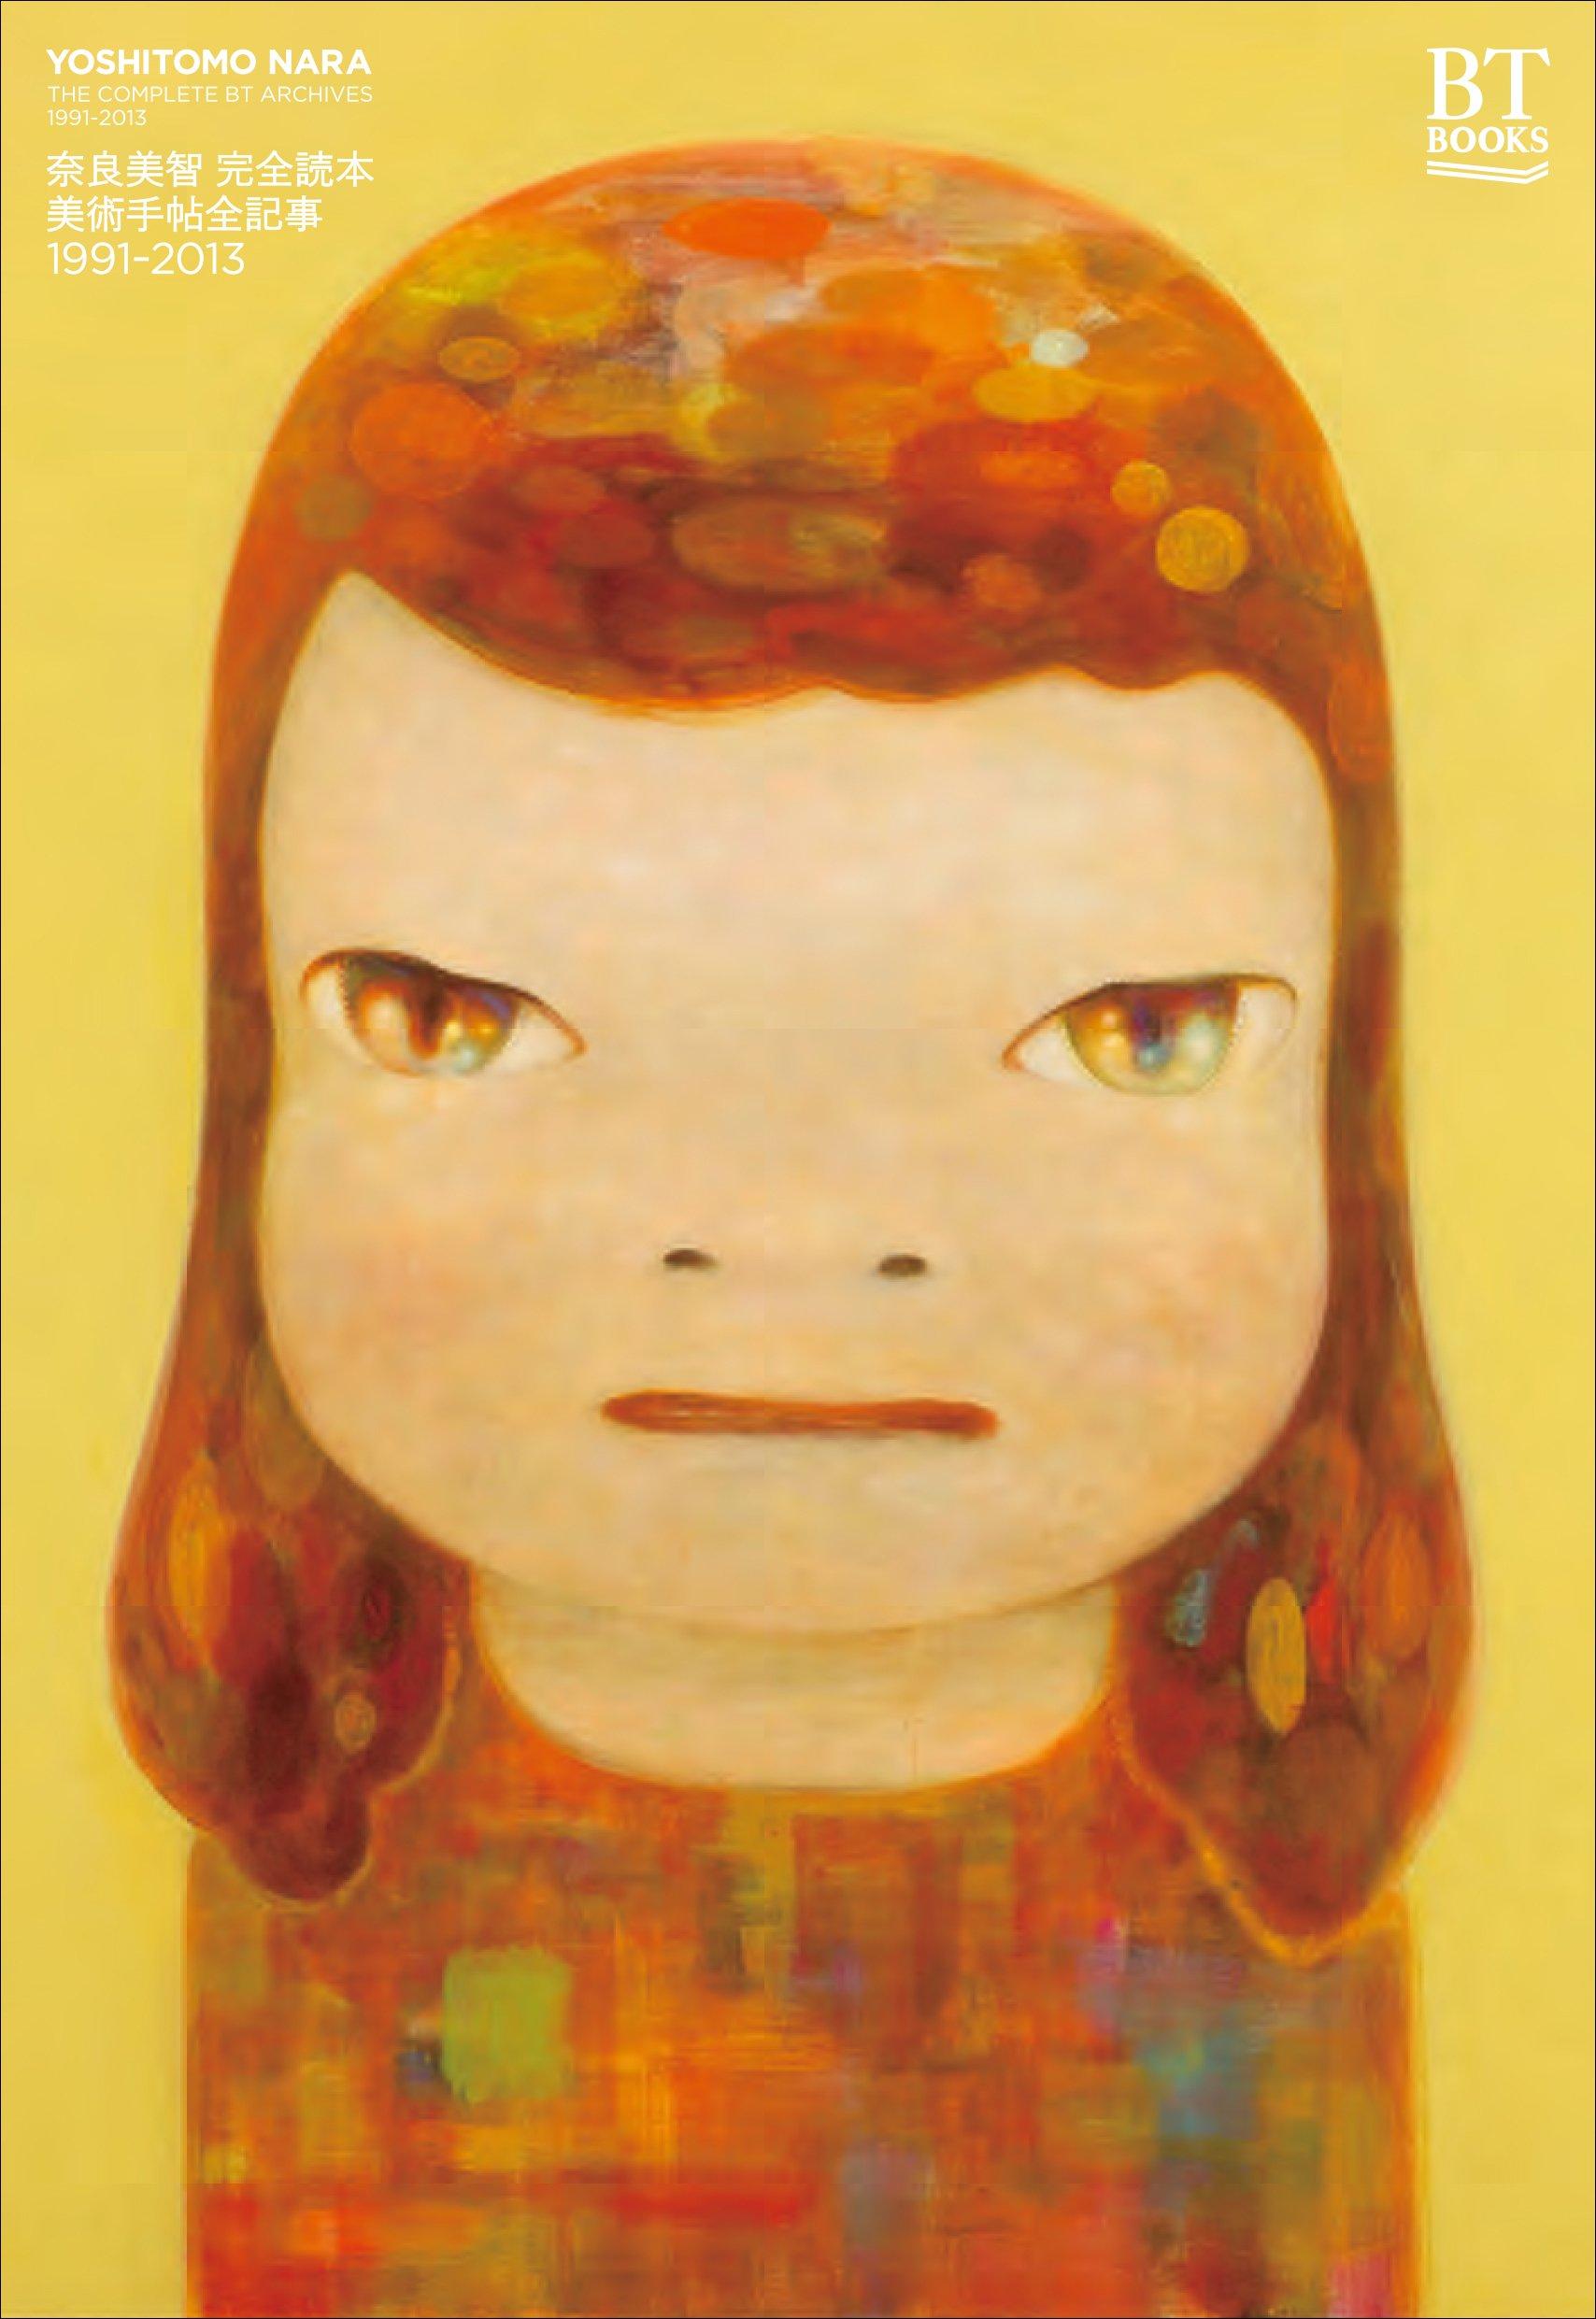 ビジネスとしての現代アート・現代美術。奈良美智らのアーティストにみるセルフプロモーションと緻密なマーケティング戦略。